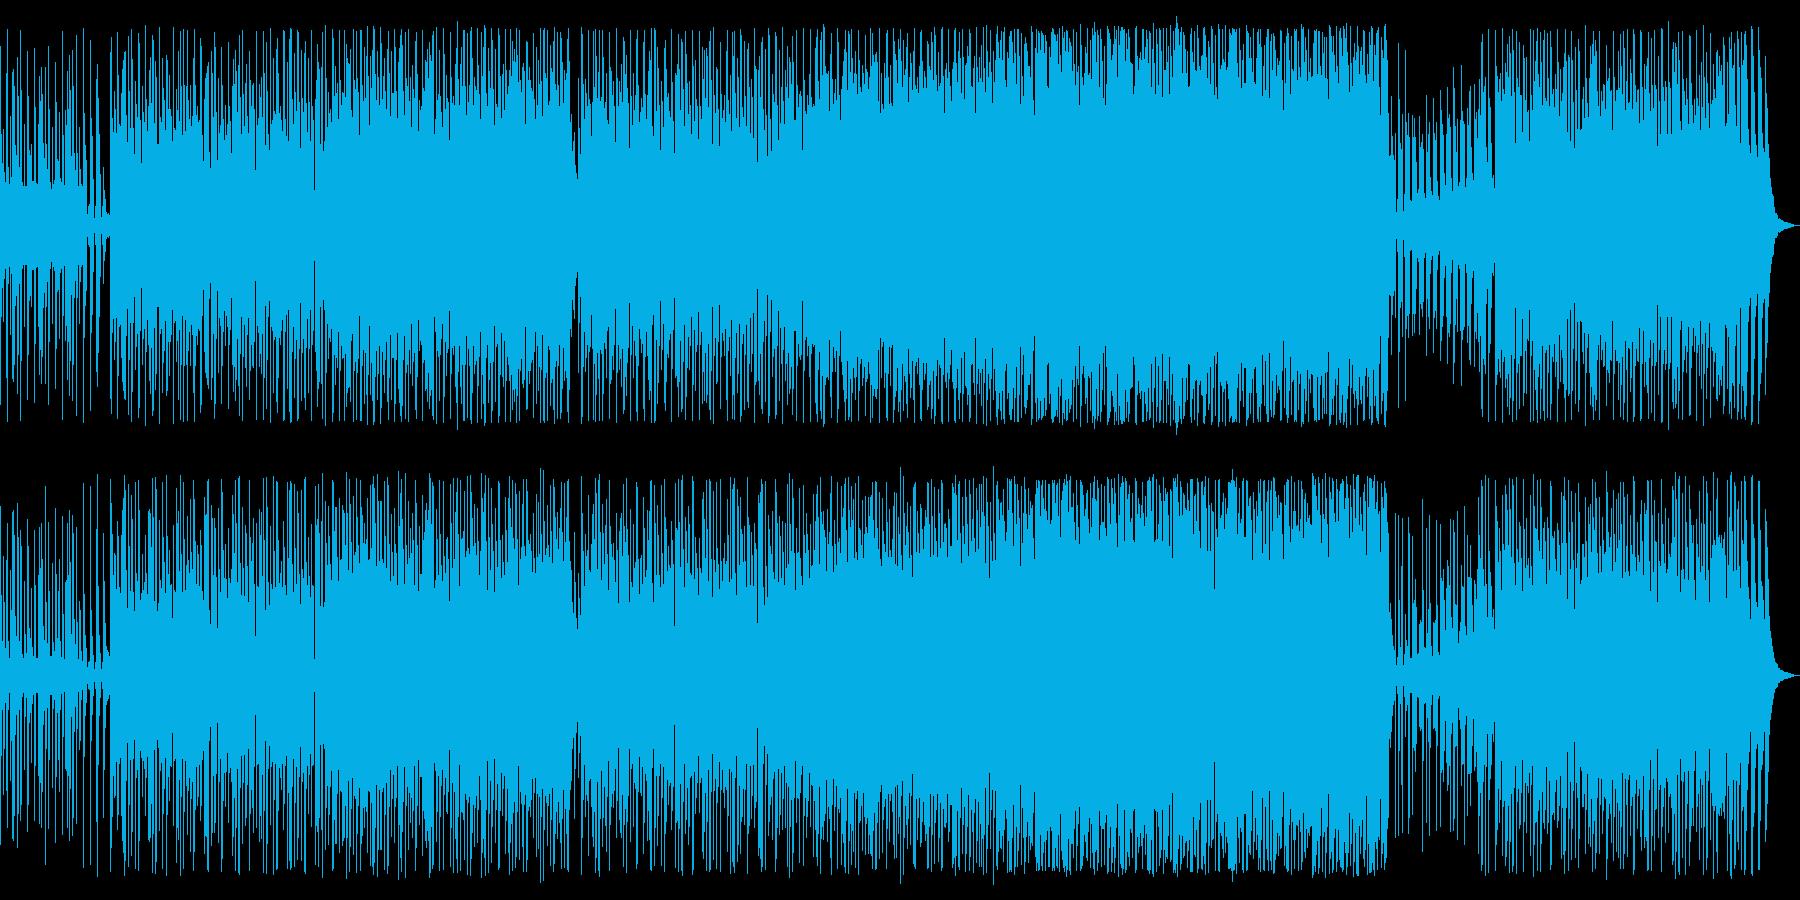 白鳥の湖/ポップアレンジの再生済みの波形